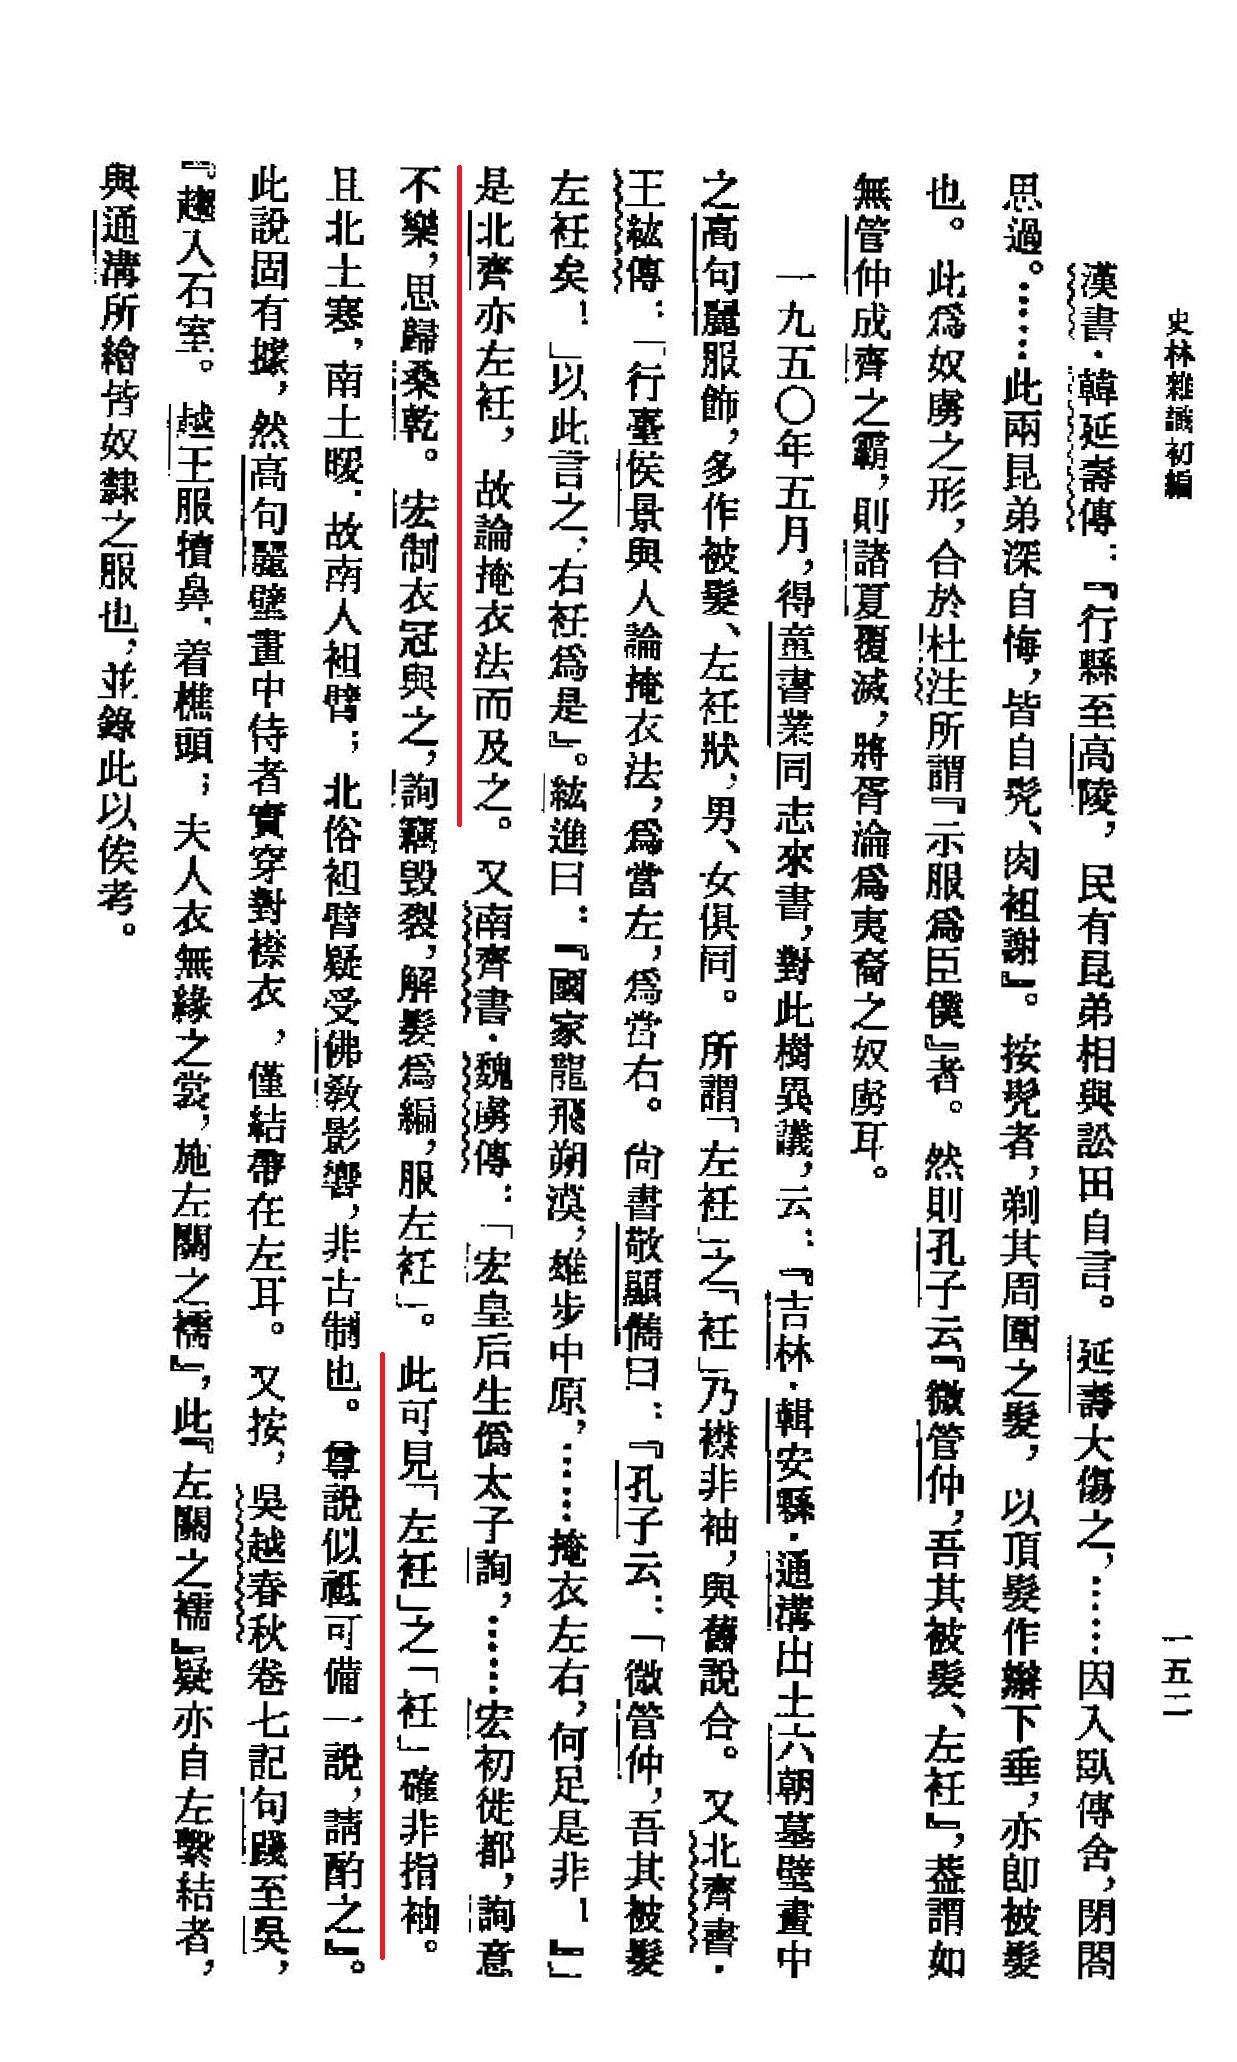 《左衽吟:华夏衣冠民族精神之管窥》连载2:春梅狐狸文章硬伤举例